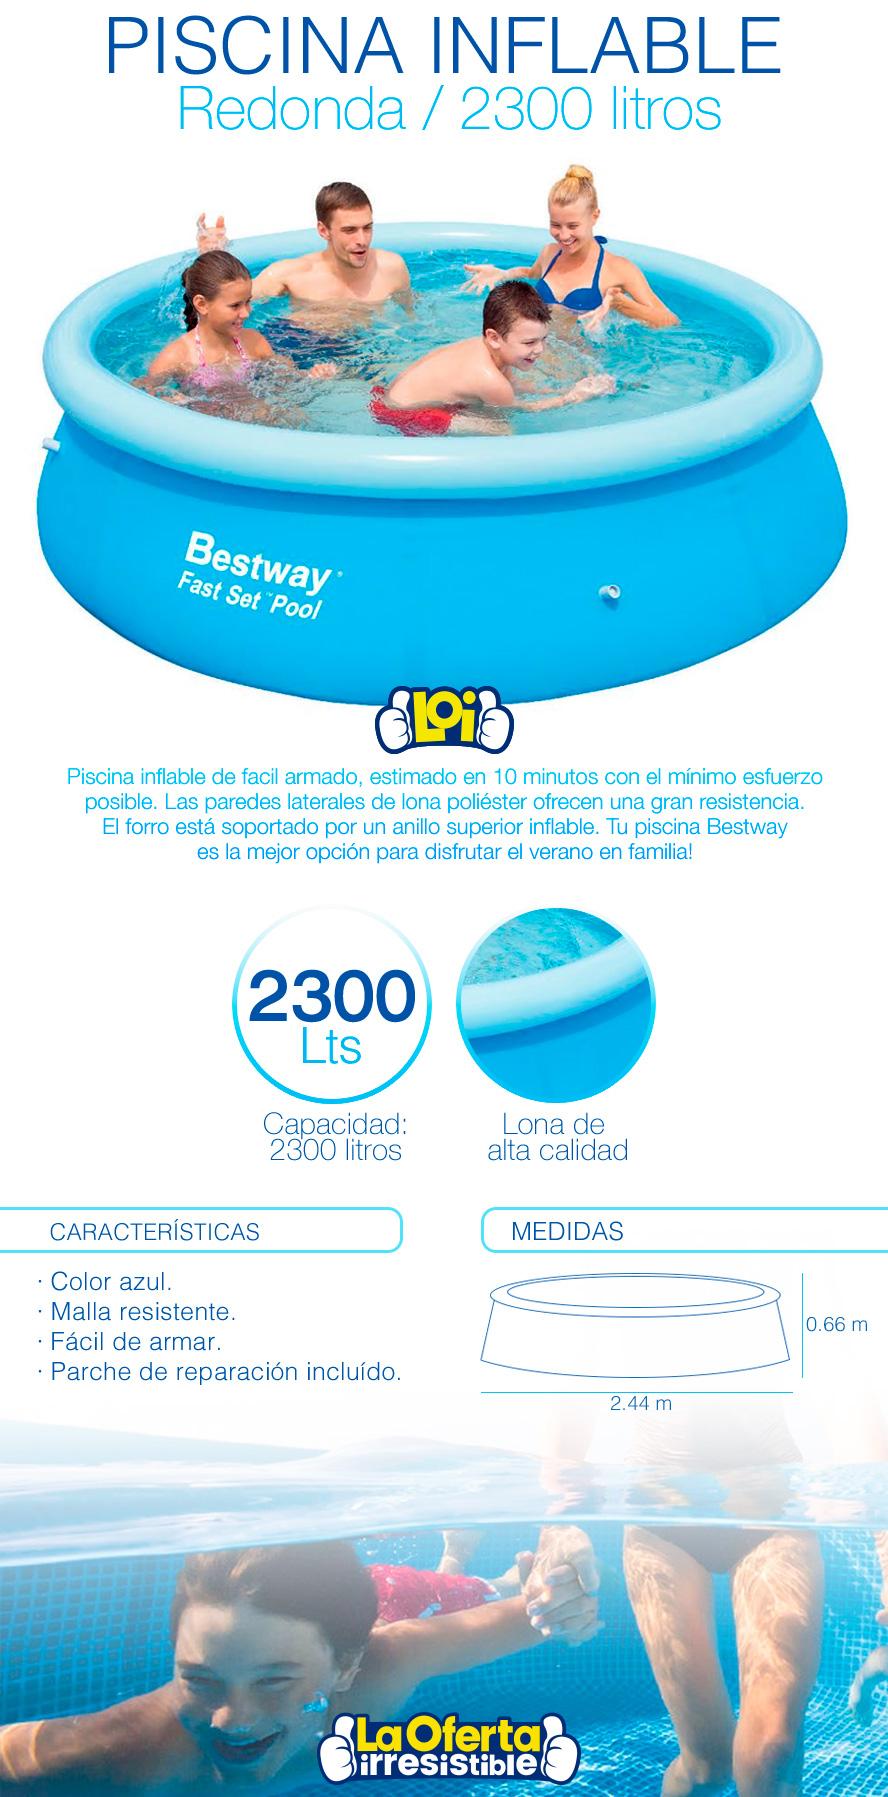 Piscina redonda inflable de 2300 litros oferta loi for Litros de una piscina